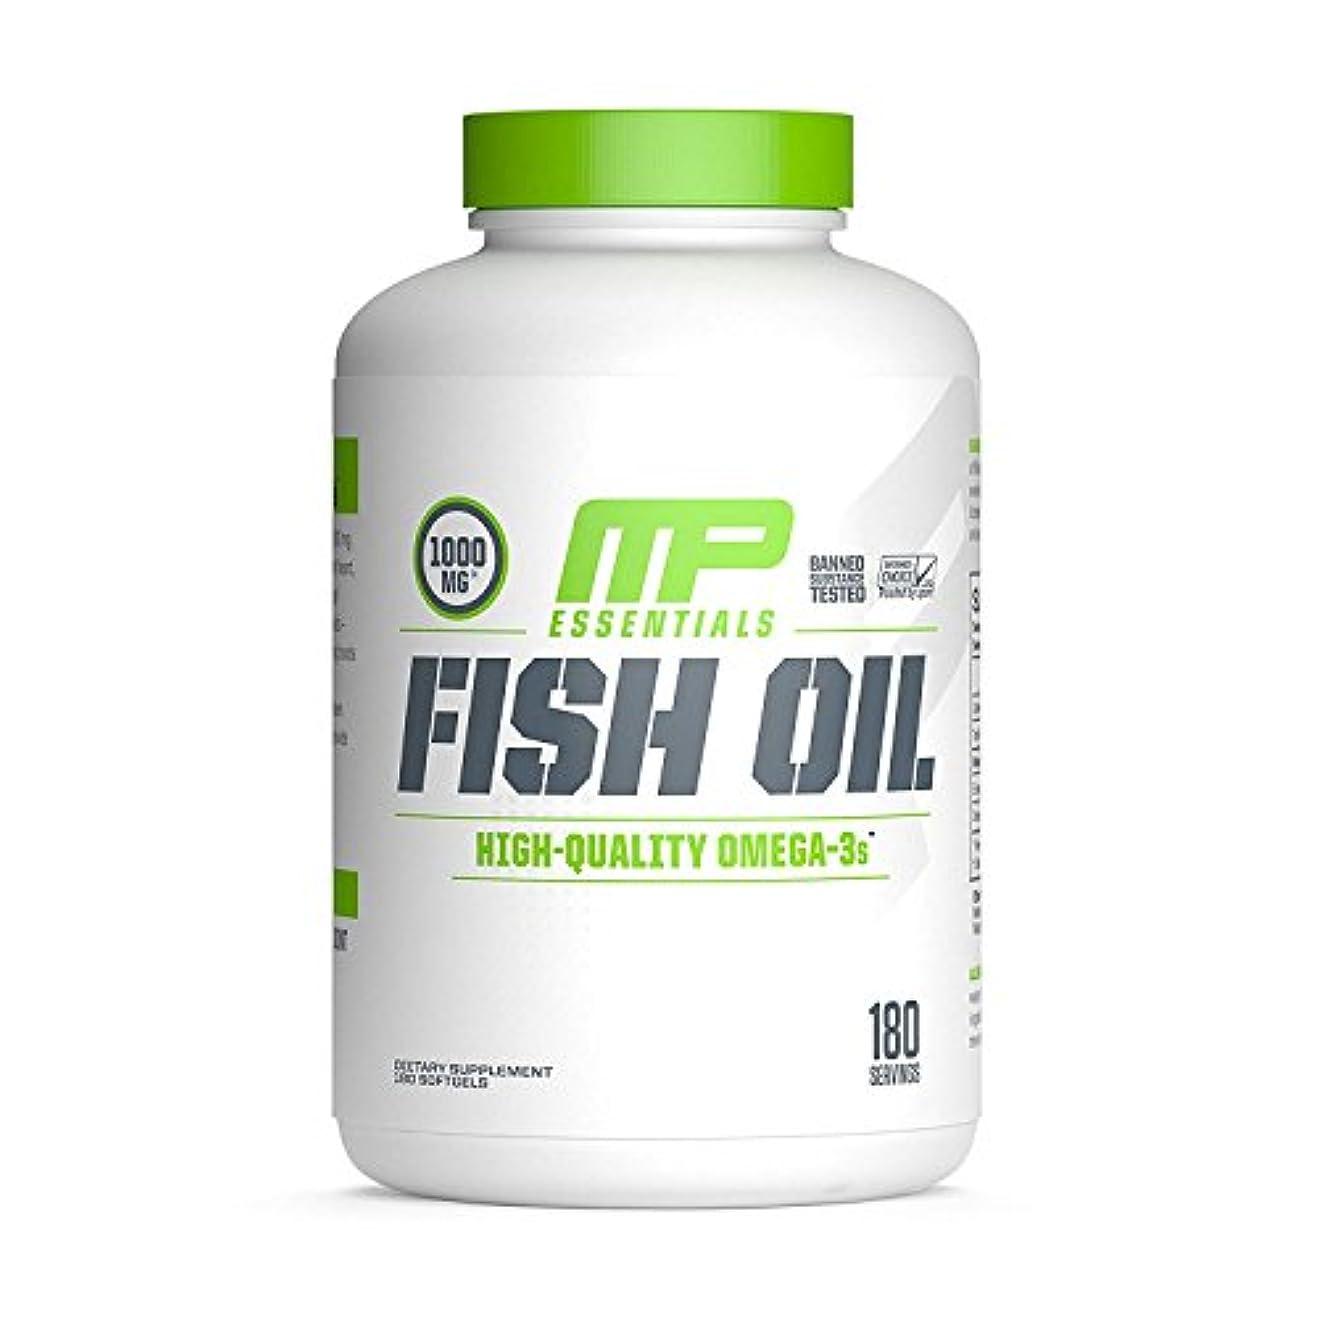 ピンクファウル浅い海外直送品 MusclePharm, Fish Oil Essentials 180 Servings [並行輸入品]